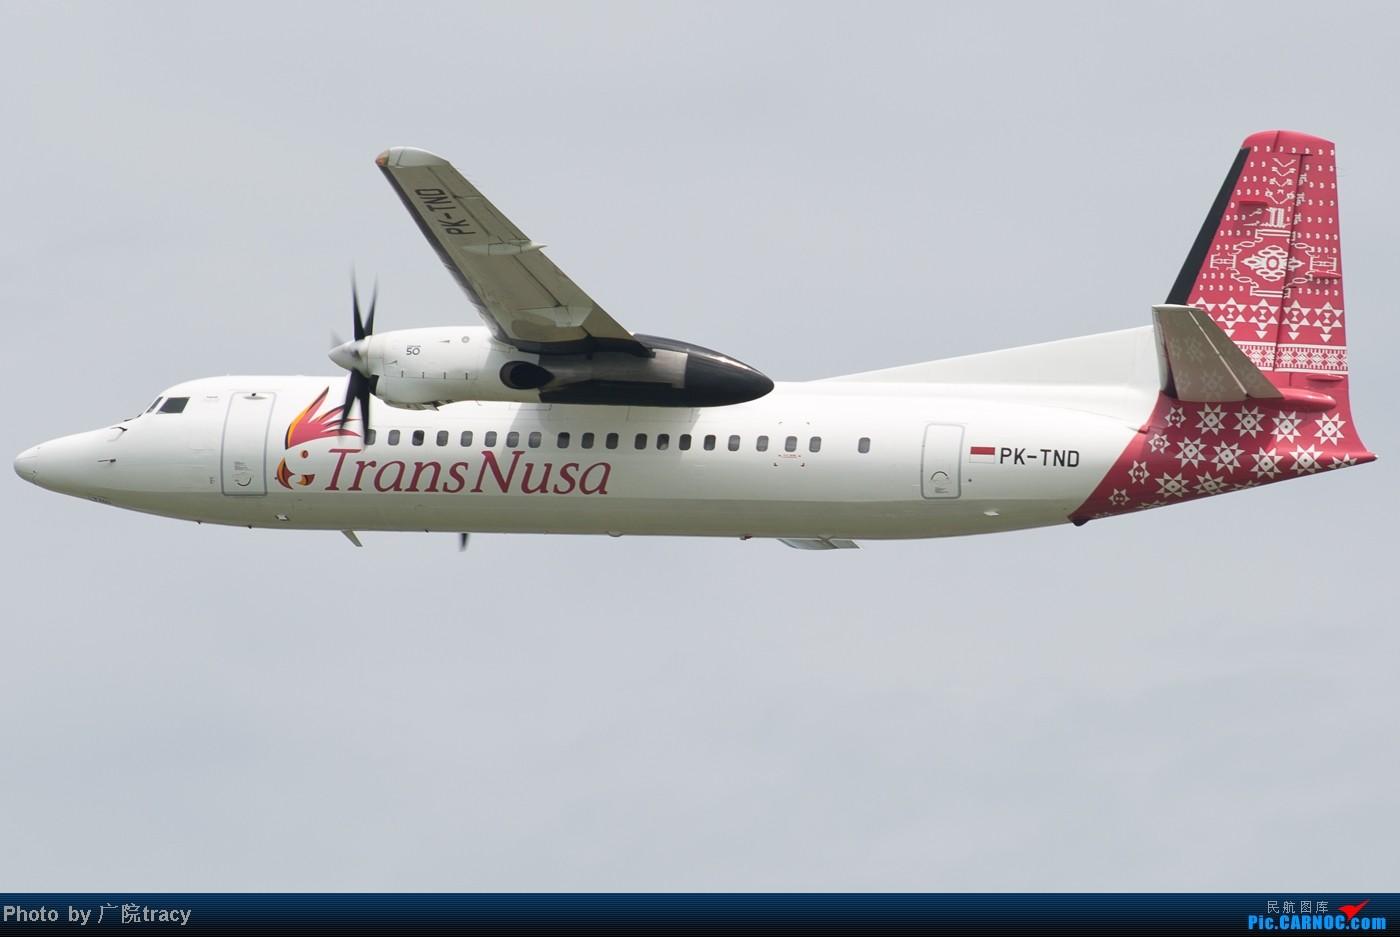 Re:[原创]★ ★ ★ ★ ★巴厘岛努拉莱国际机场拍机,经典的位置,漂亮的飞机,完美的机型★ ★ ★ ★ ★    印度尼西亚巴厘岛机场